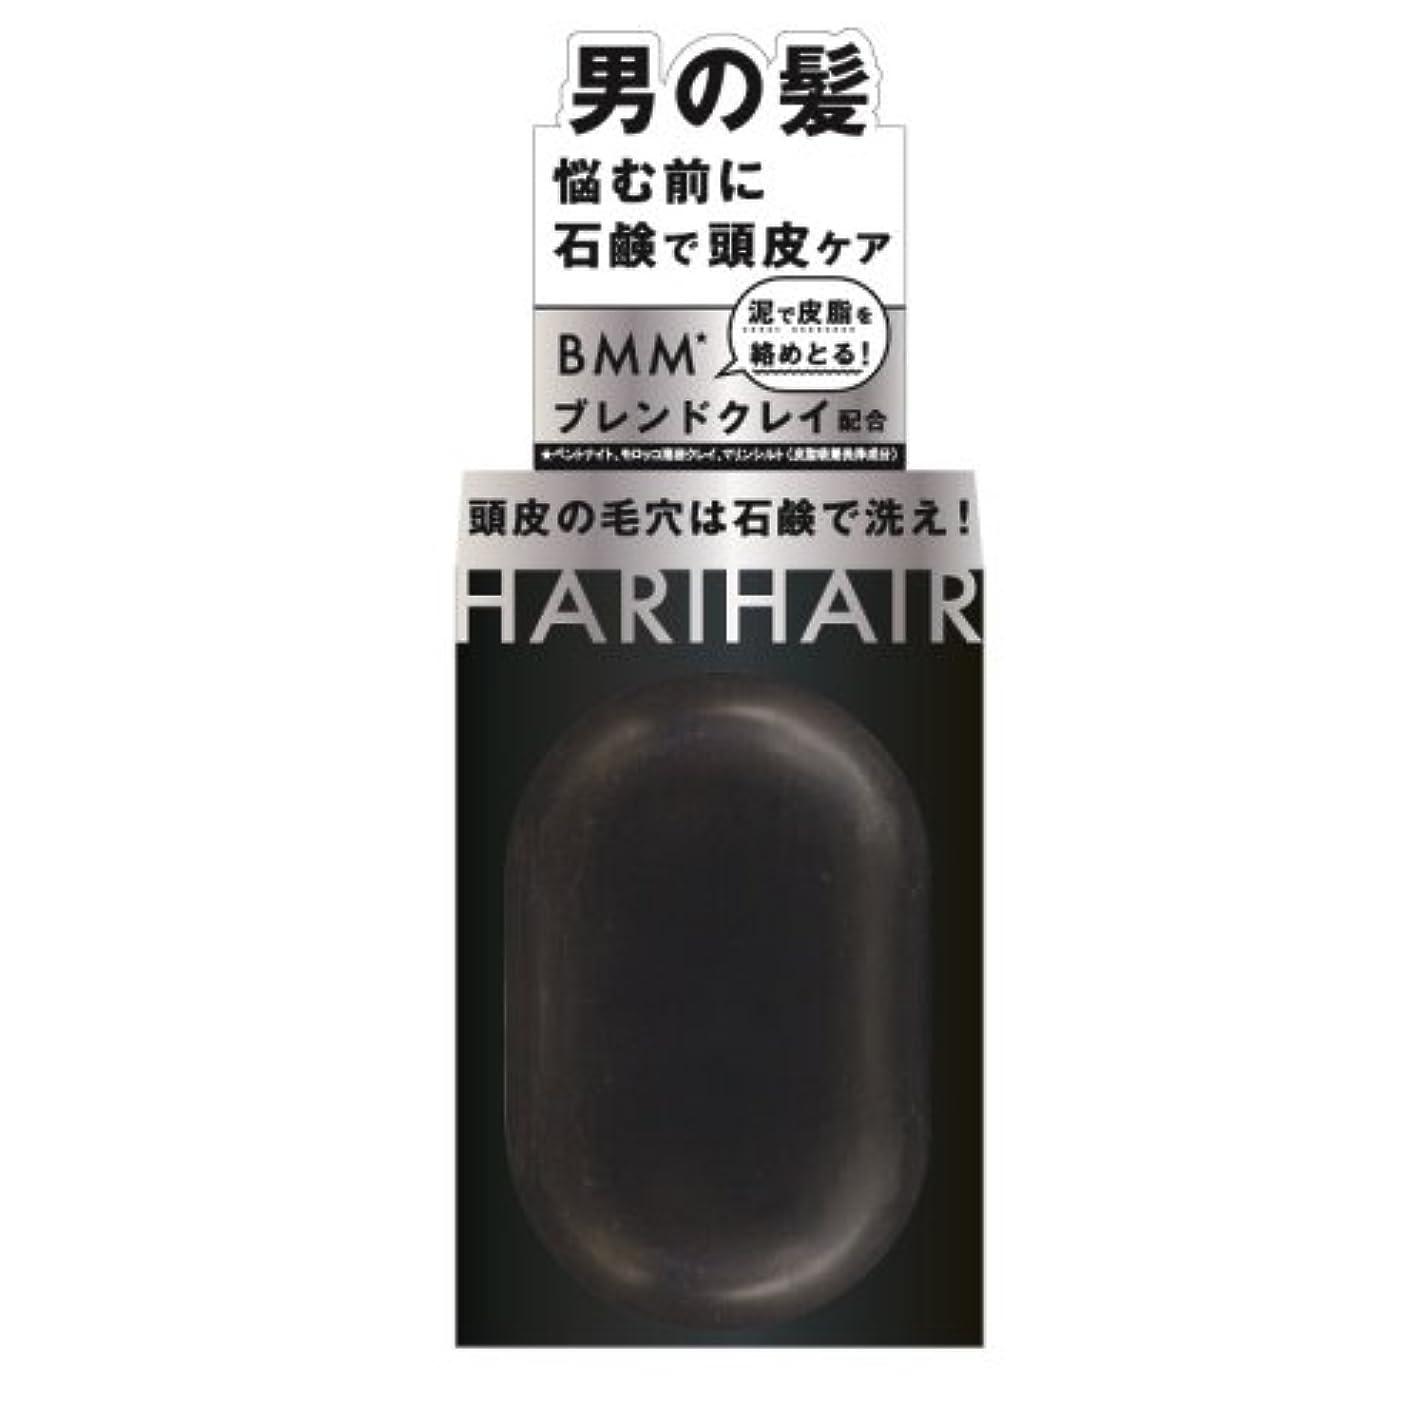 トレース布すべきペリカン石鹸 ハリヘア 固形シャンプー 100g